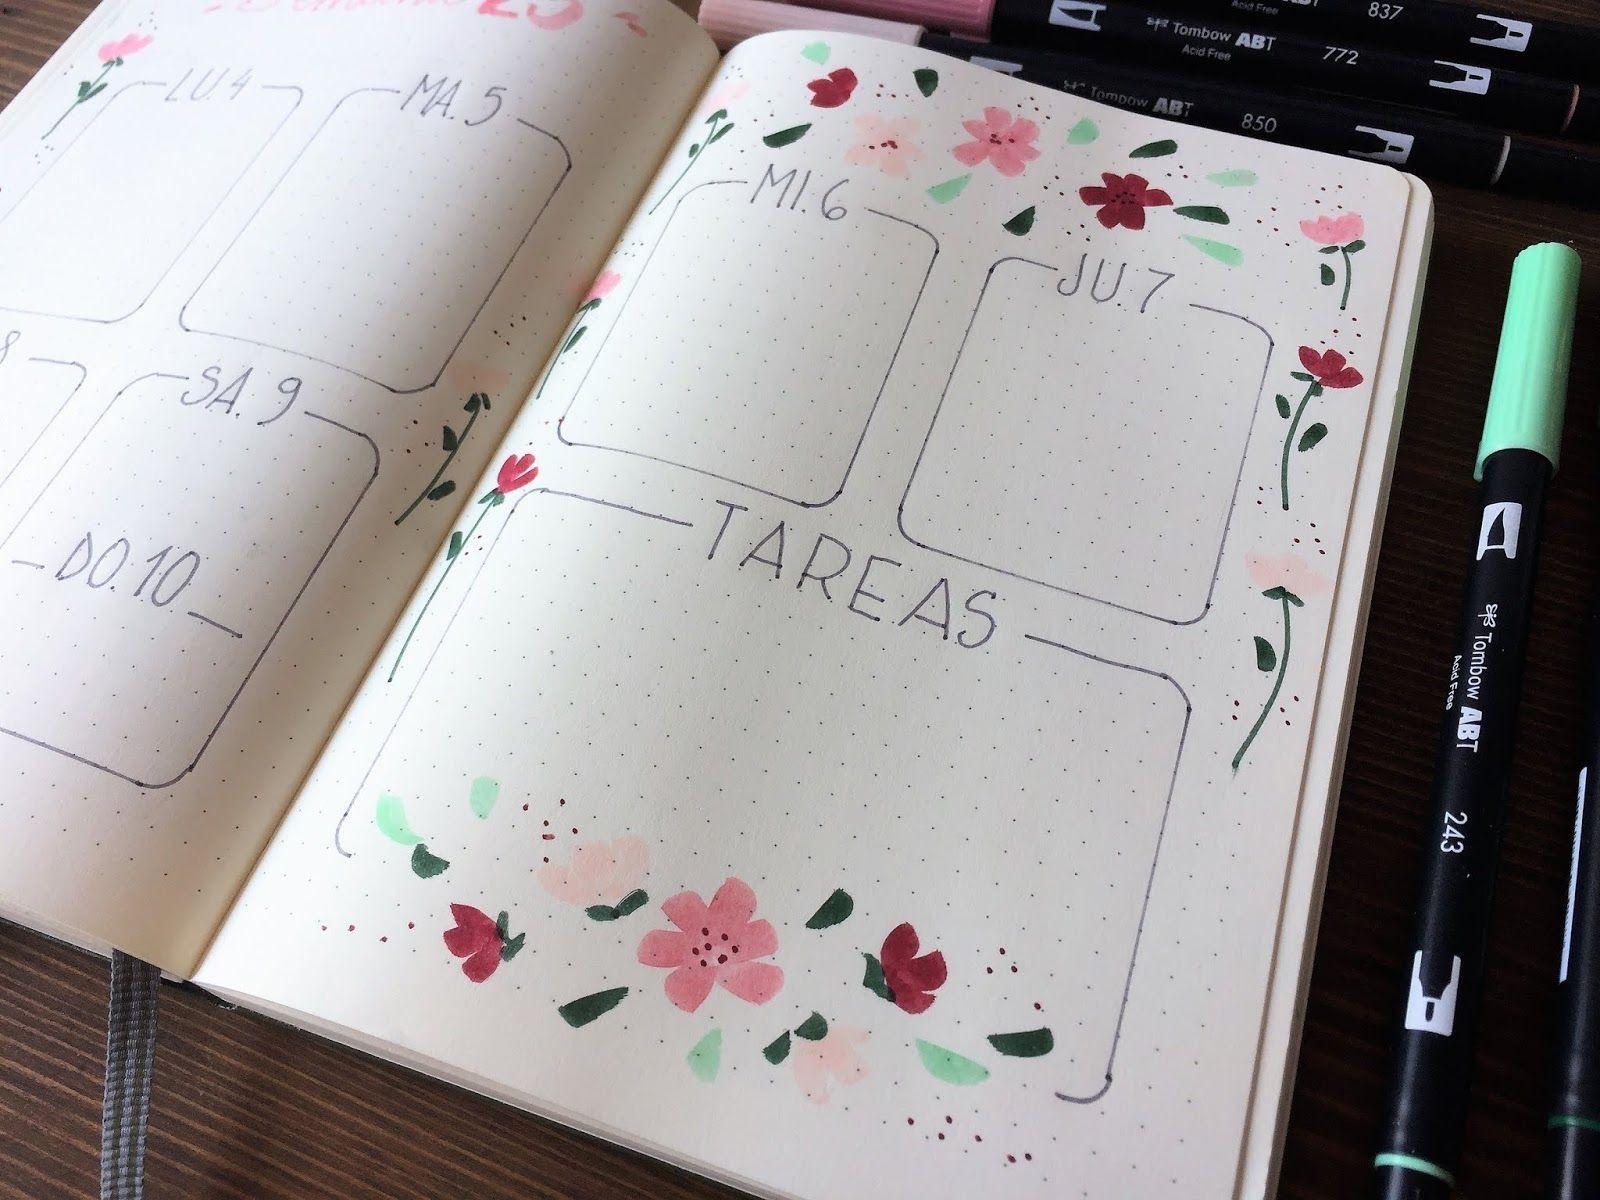 """Imprimir Calendario 2019 Tumblr Mejores Y Más Novedosos Bullet Journal Edici""""n Junio Bullet Journal Pinterest Of Imprimir Calendario 2019 Tumblr Más Caliente Sea theme to Start March Dibujo"""